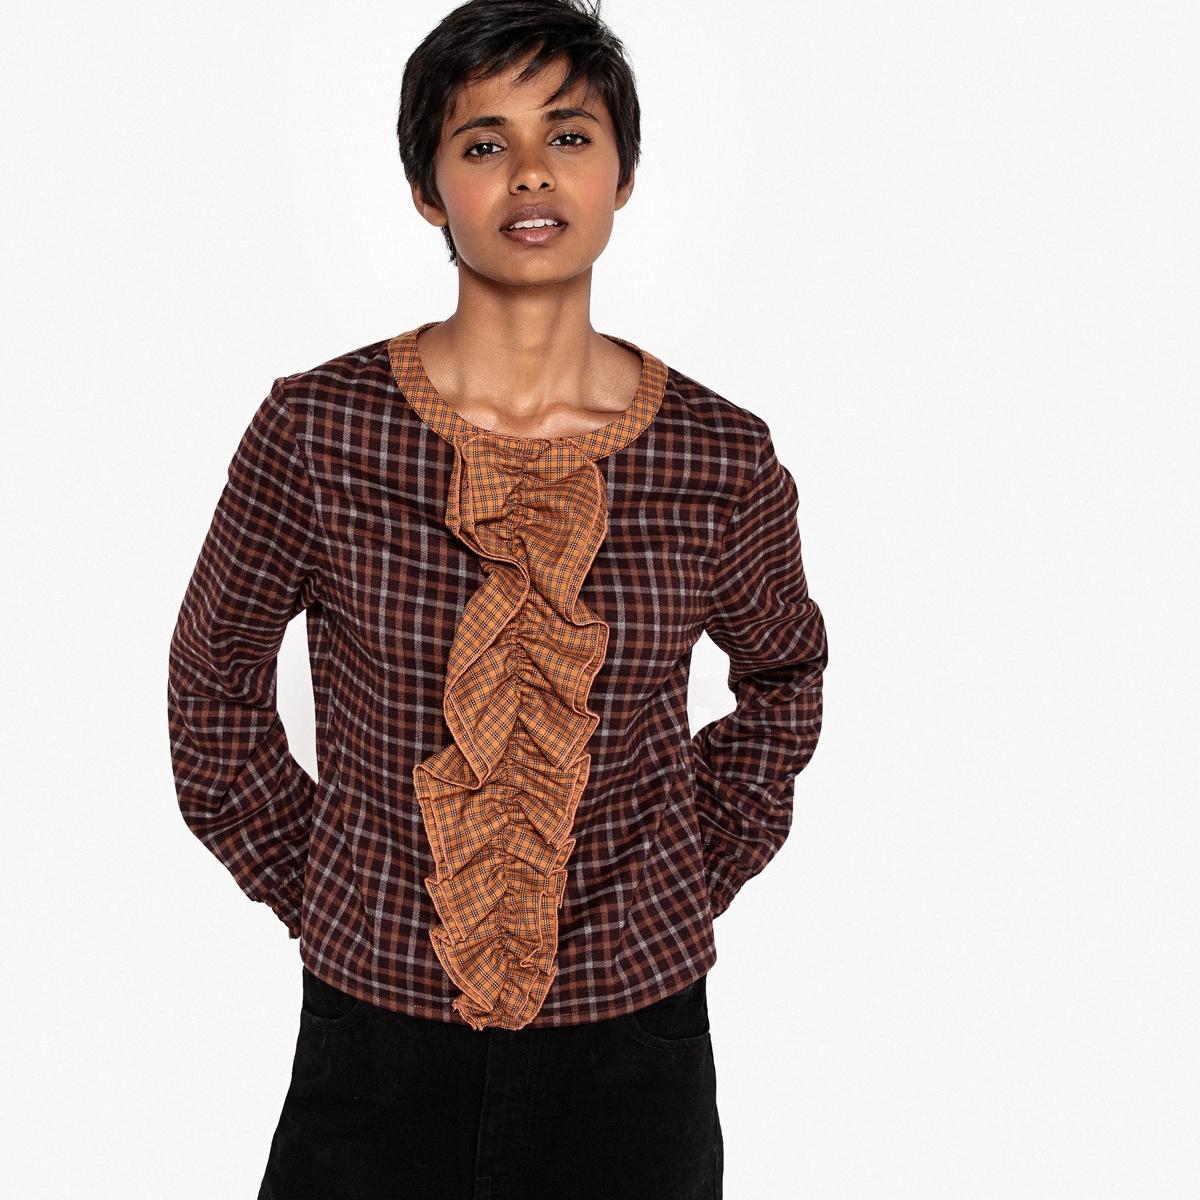 Блузка в клетку с длинными рукавами и воланами блузка в клетку с воланами и длинными рукавами check